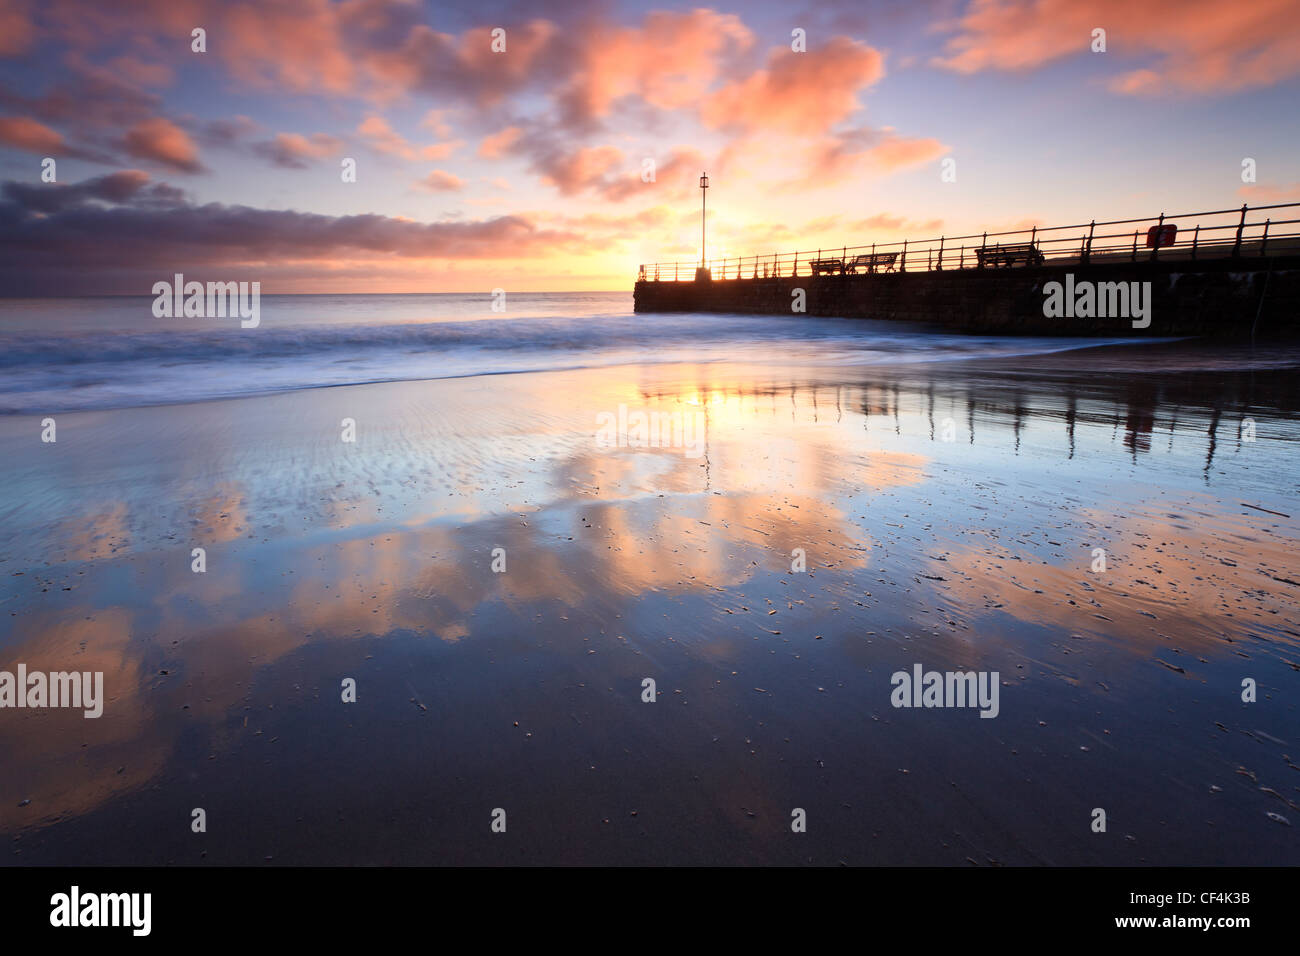 Le banjo 'en forme' nouvelle jetée sur la plage de Swanage au lever du soleil. Photo Stock